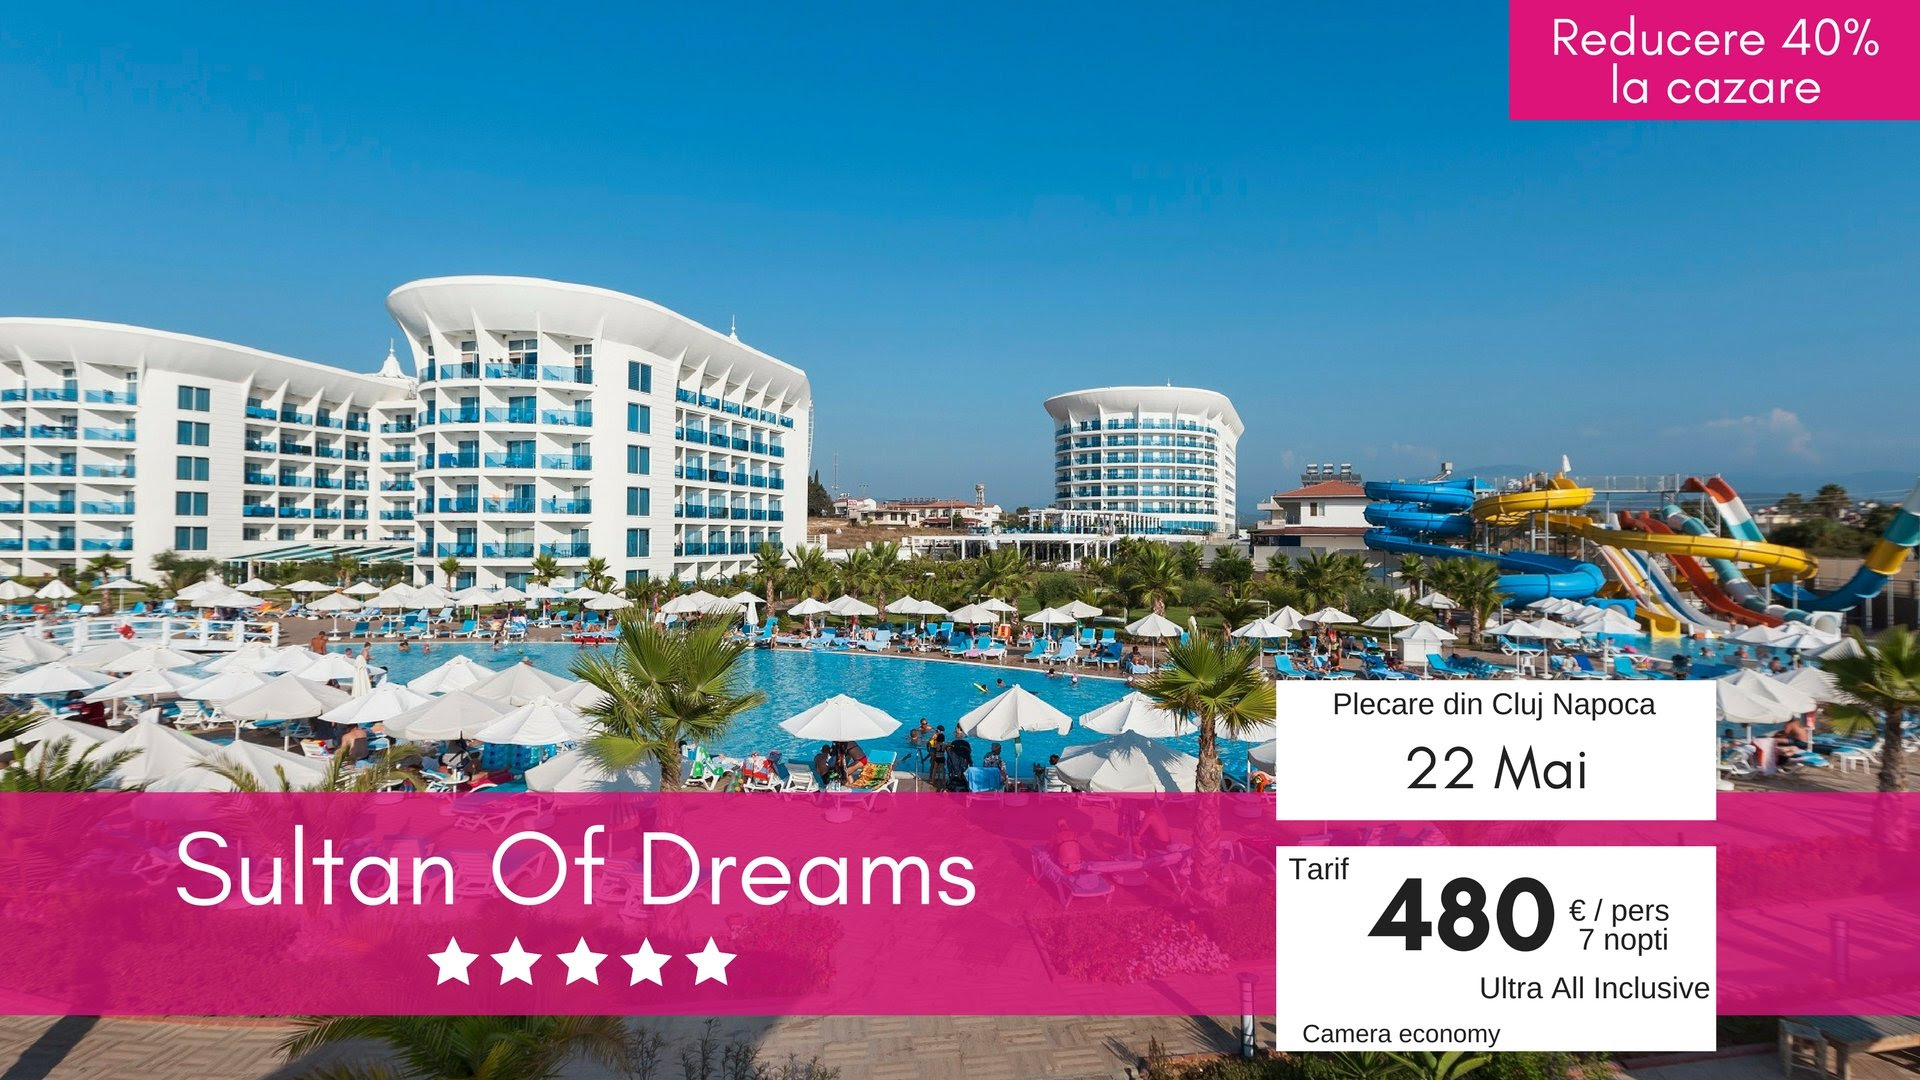 Sultan Of Dreams 5* UAI | 40% REDUCERE la cazare | Antalya cu plecare din Cluj-Napoca